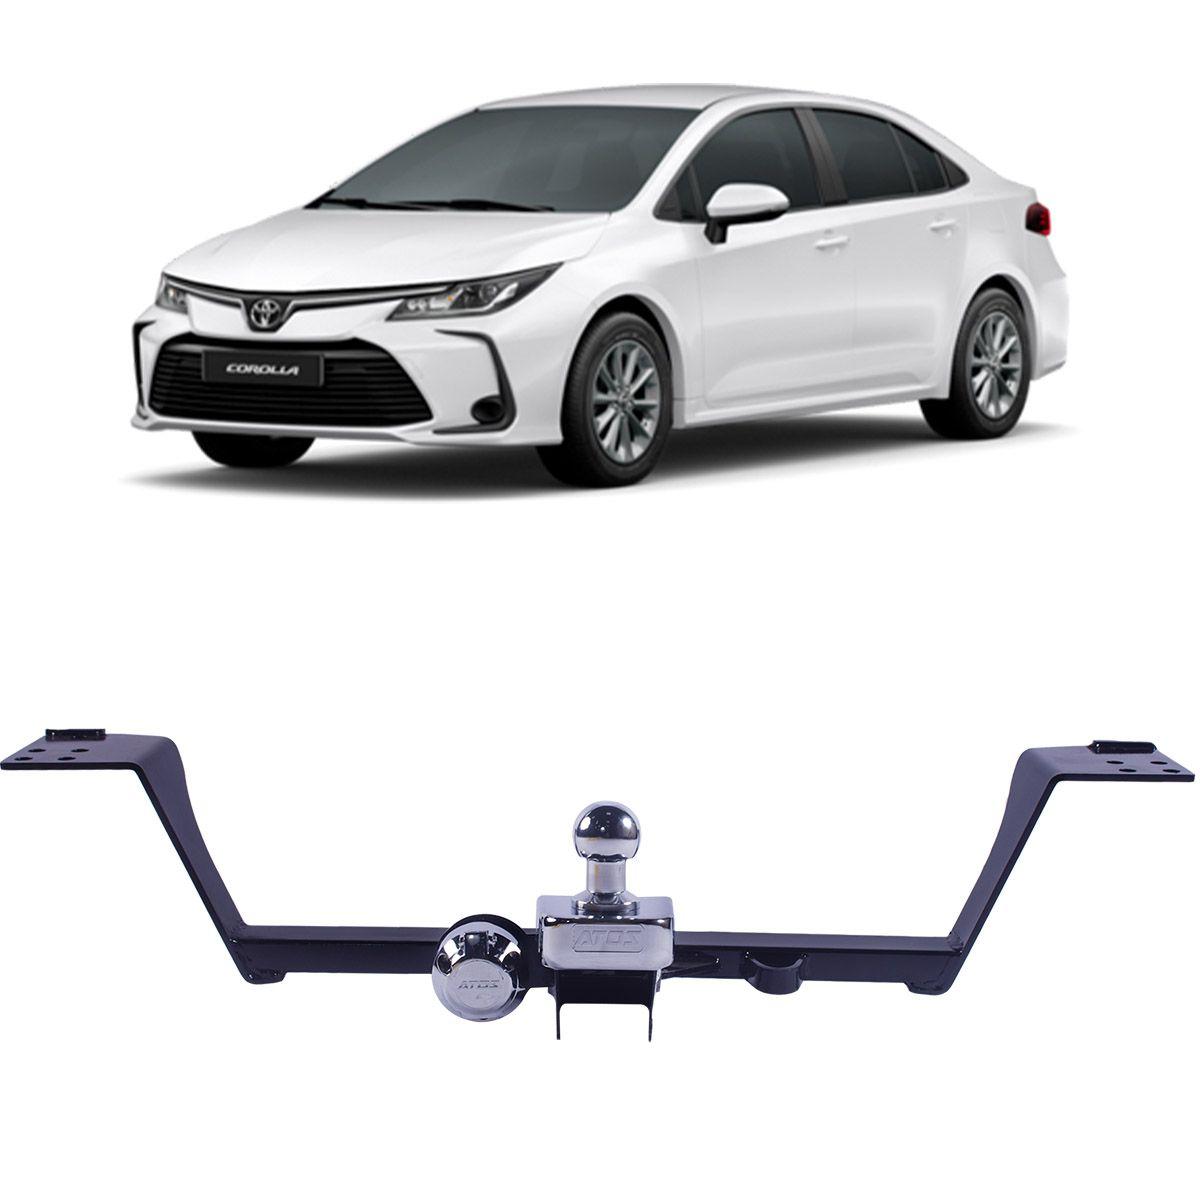 Engate Reboque Toyota Corolla 2020 em Diante Fixo Atos